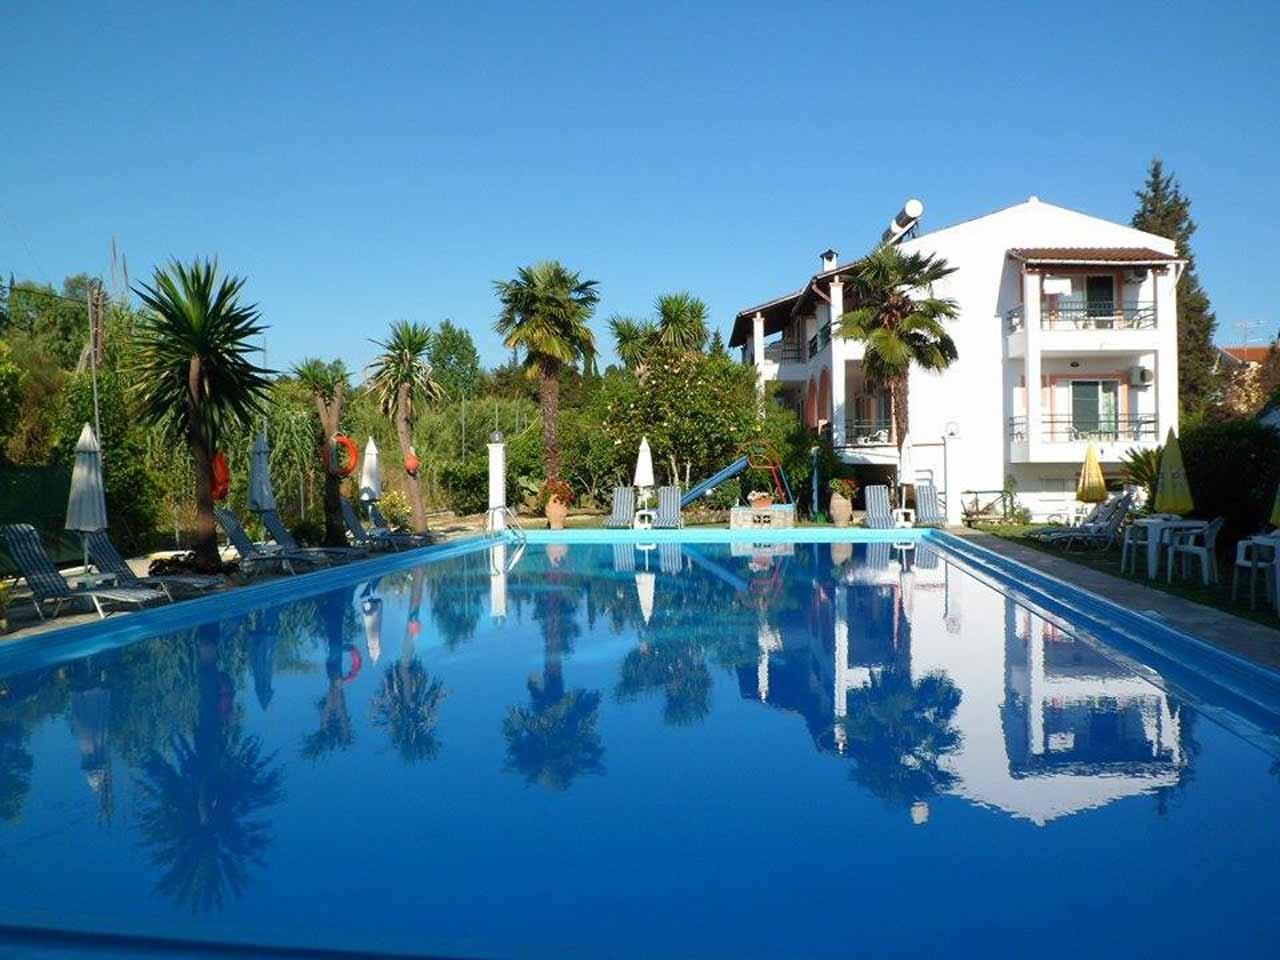 Angela Hotel & Apartments - Κέρκυρα, Γουβιά εικόνα